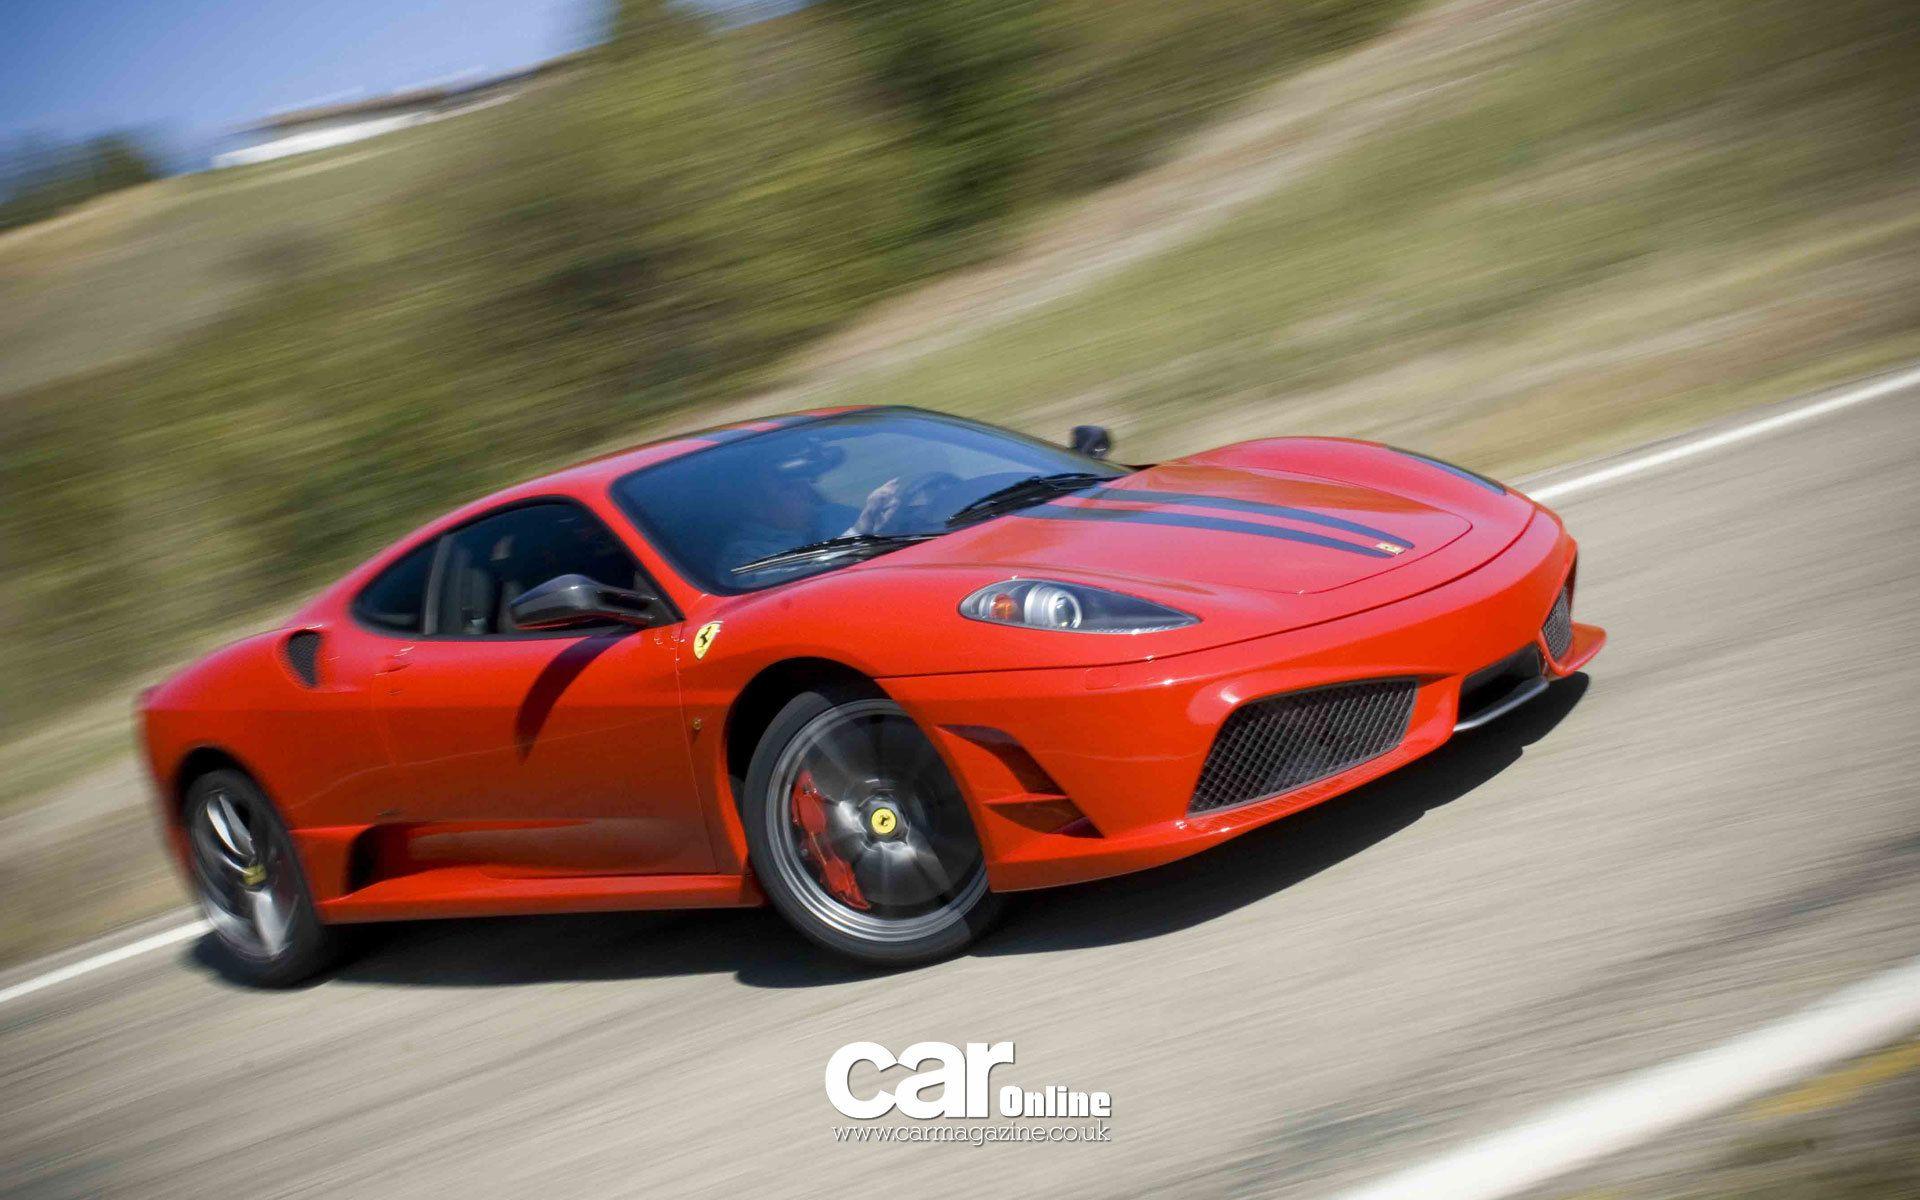 Ferrari f430 scuderia ferrari pinterest ferrari f430 ferrari ferrari f430 scuderia voltagebd Image collections